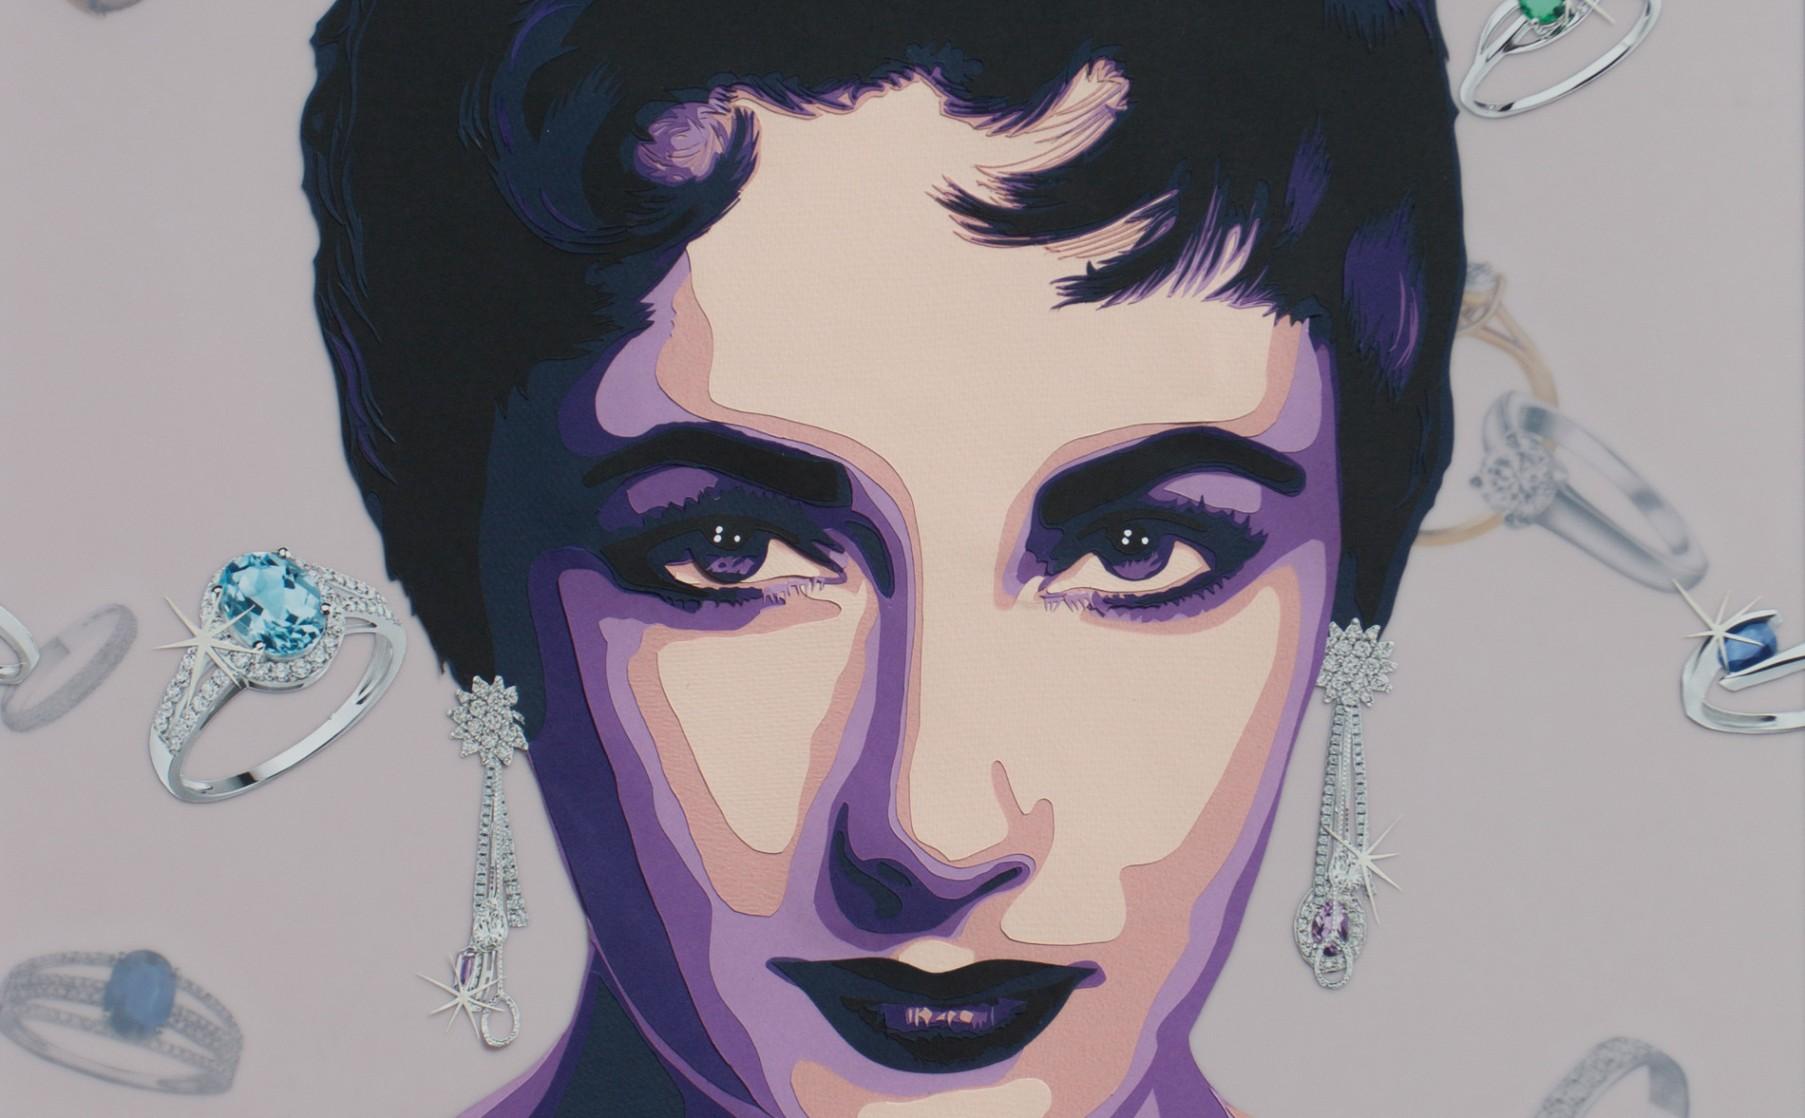 Actrice Liz Taylor aux yeux violet et aux bijoux. Découpage collage papier Carole b